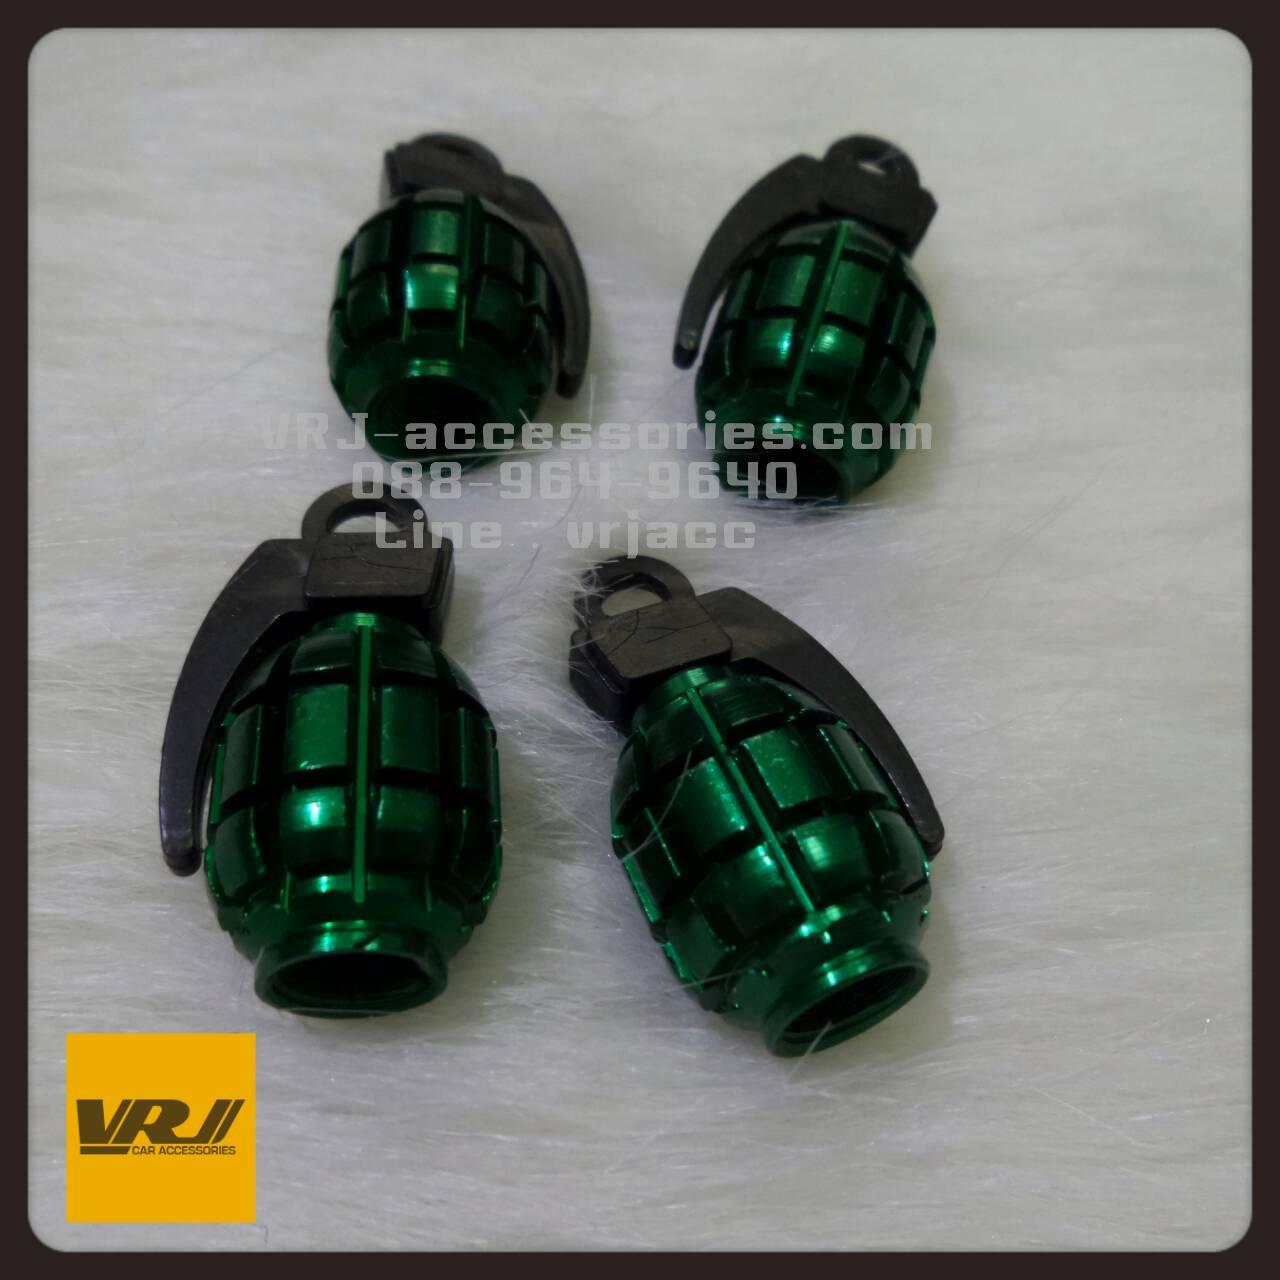 จุกลม ลูกระเบิด น้อยหน่า สีเขียว : Car tire valve Stem caps - Grenade Bomb